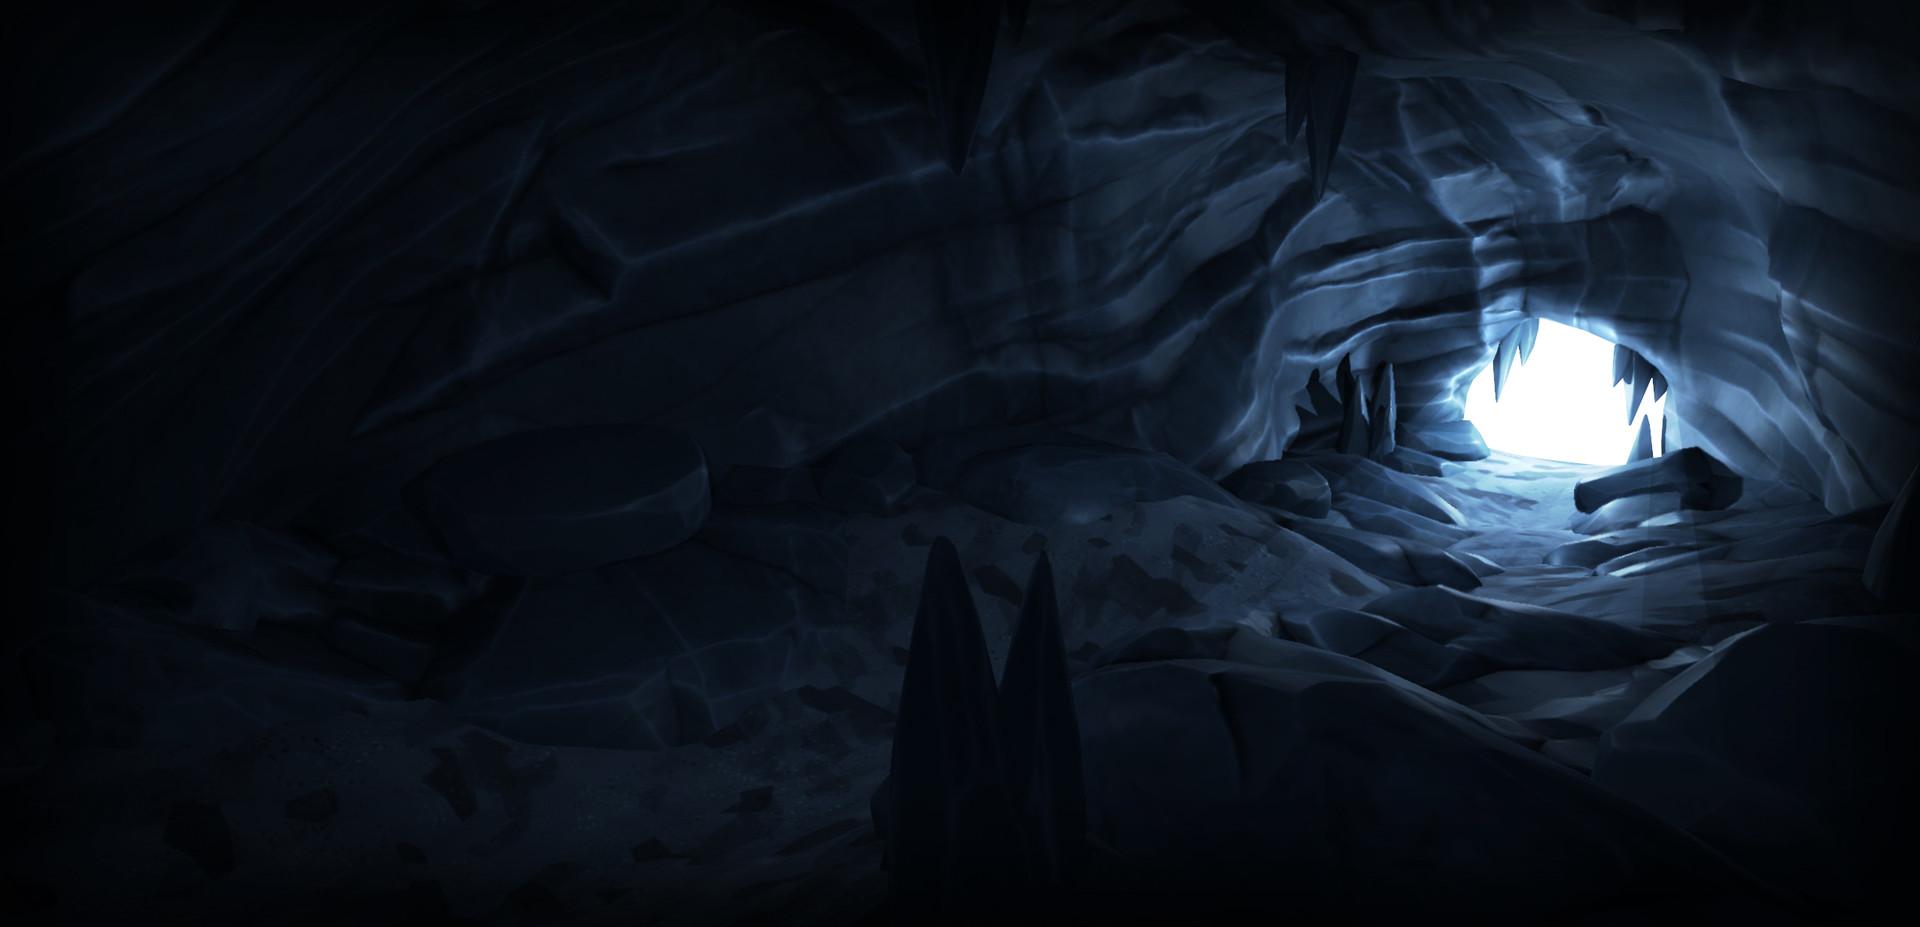 Robert max ramirez cave7